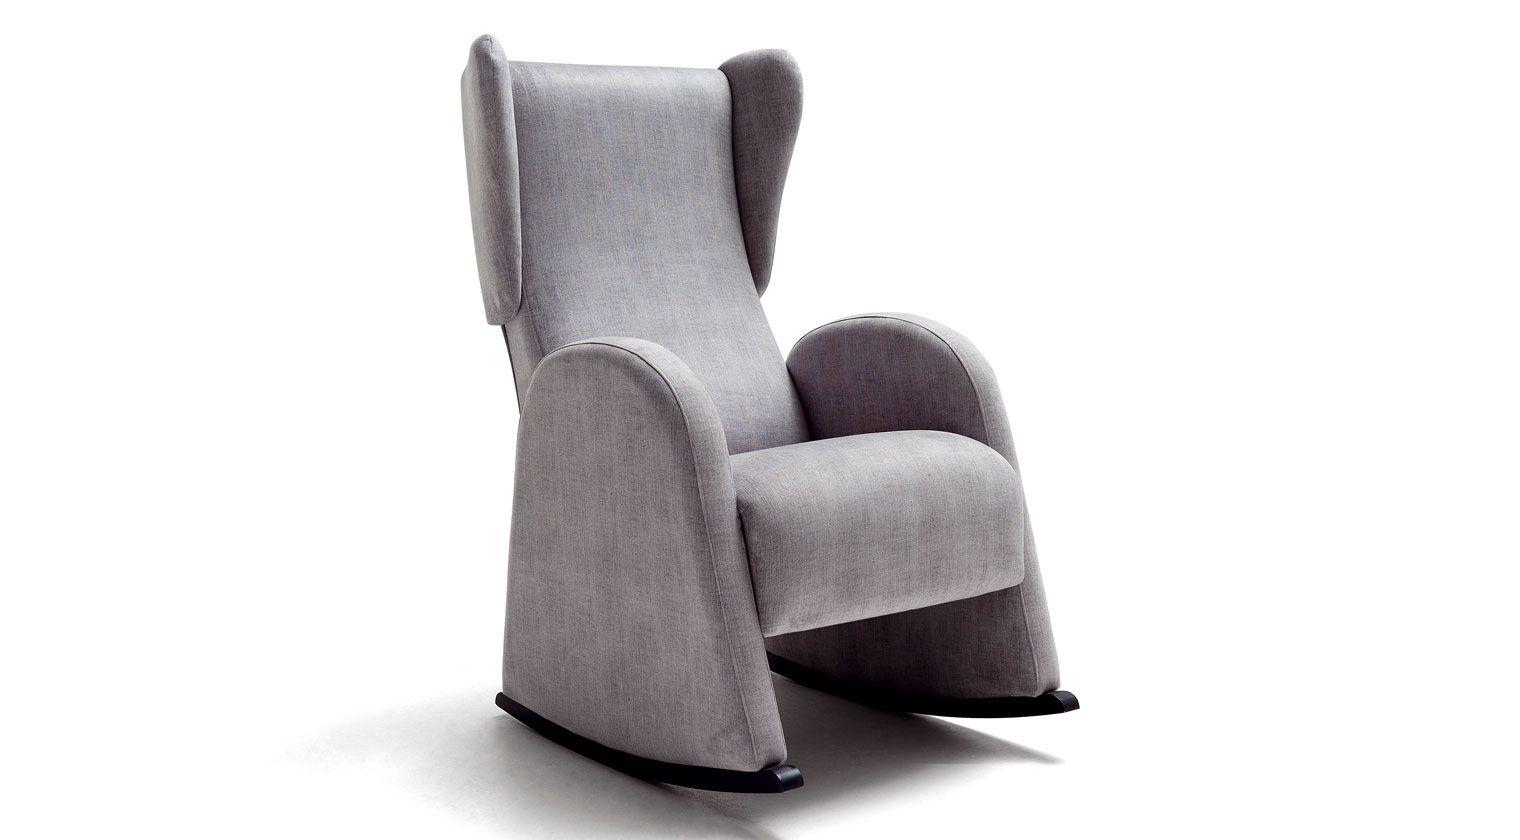 Sill n mecedora susana sillones mecedora - Sofa mecedora ...